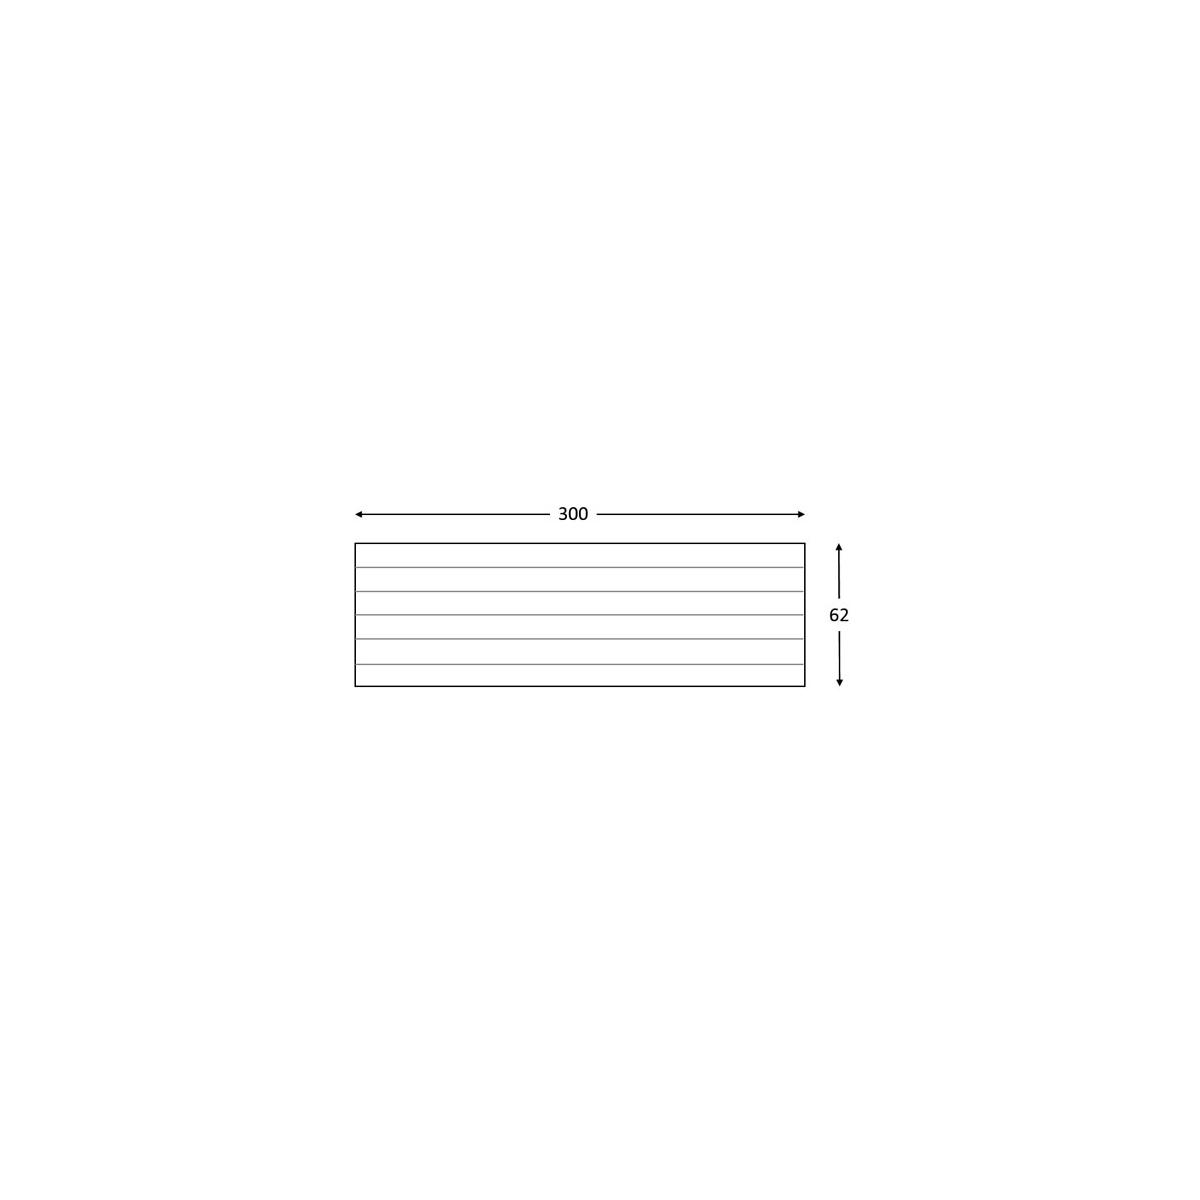 Grupo Unamacor Panel rústico de seis lamas imitación madera de 300x62cm